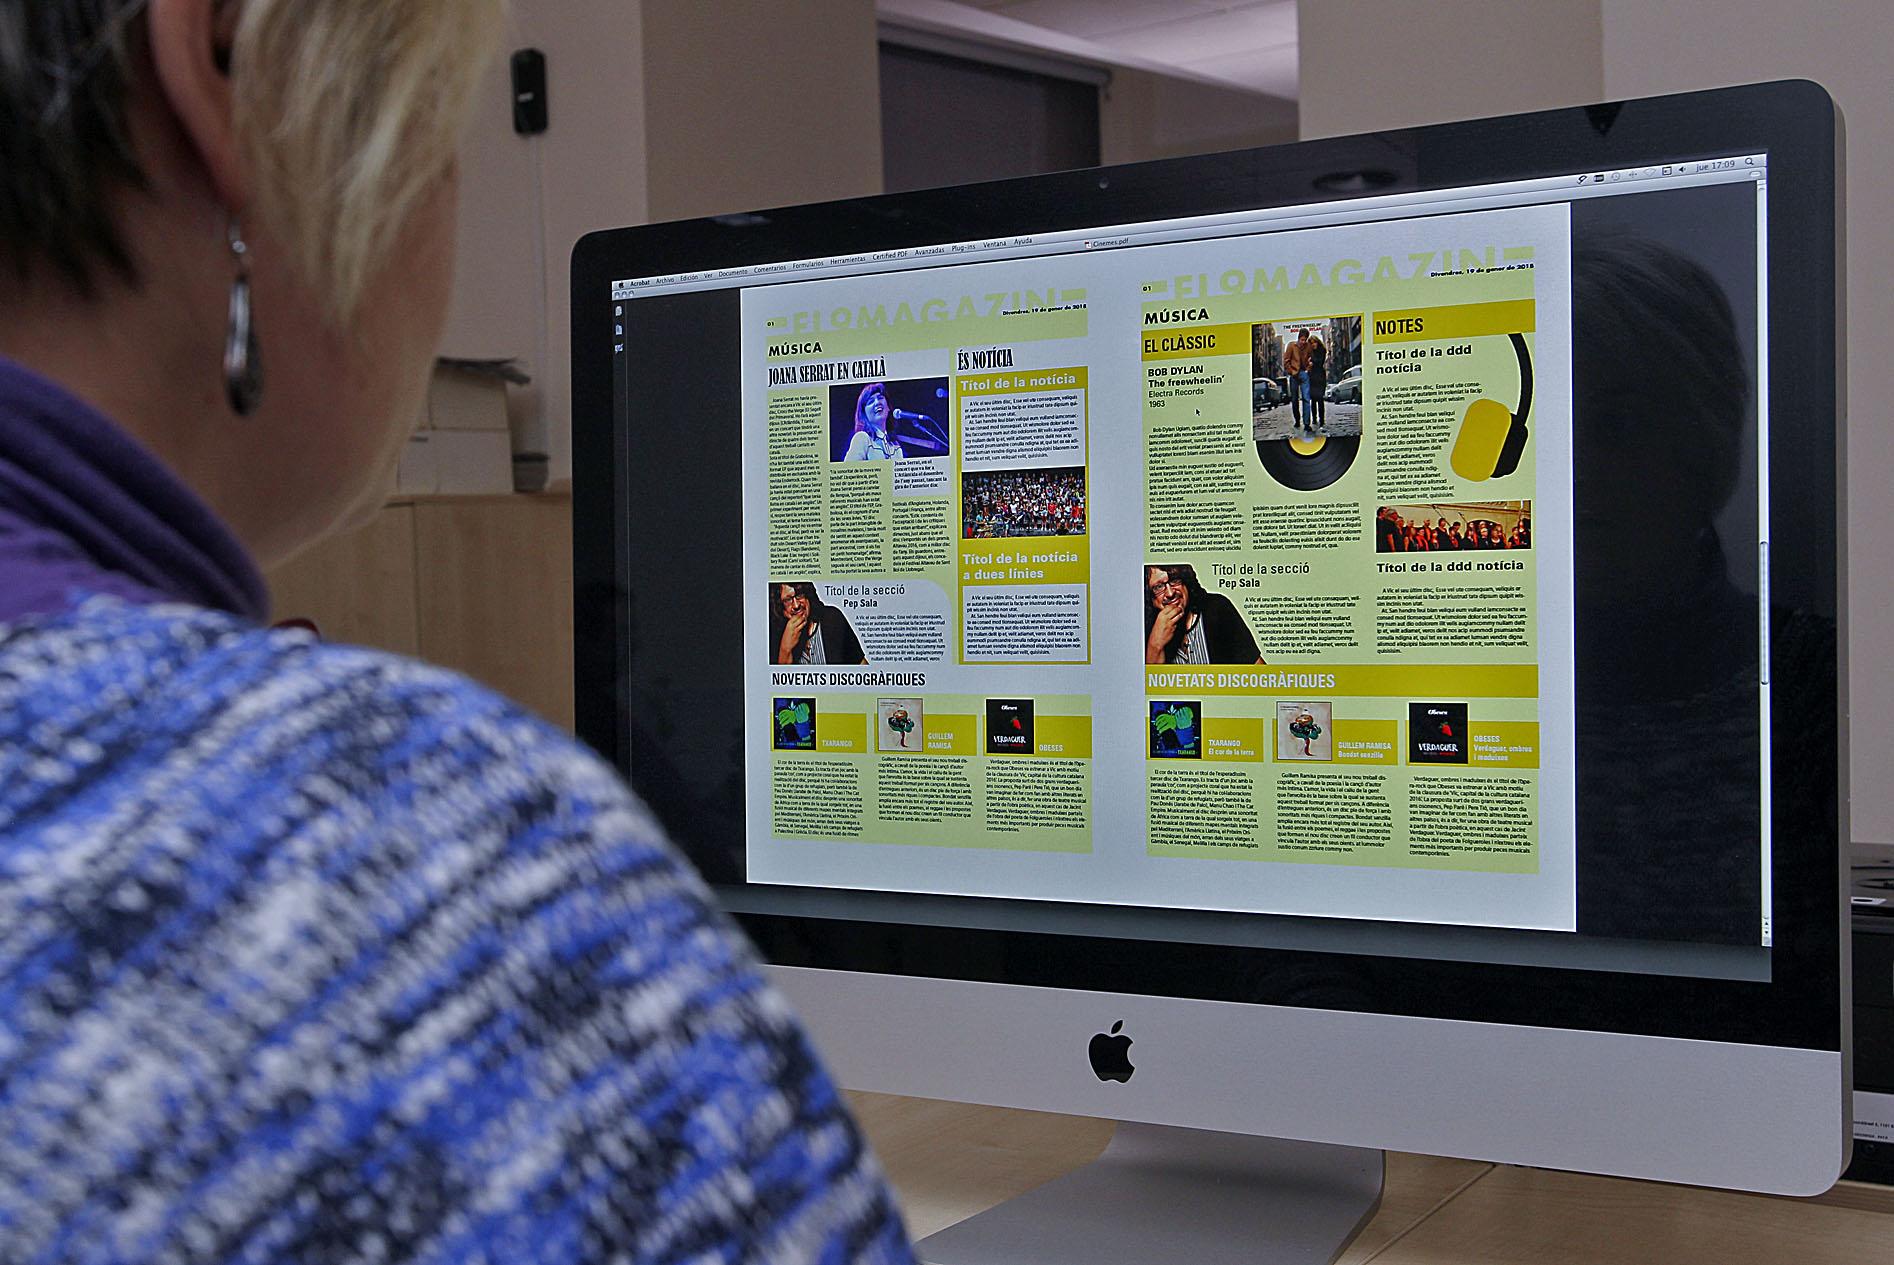 L'equip de disseny, estudiant proves de la maqueta de les pàgines del suplement